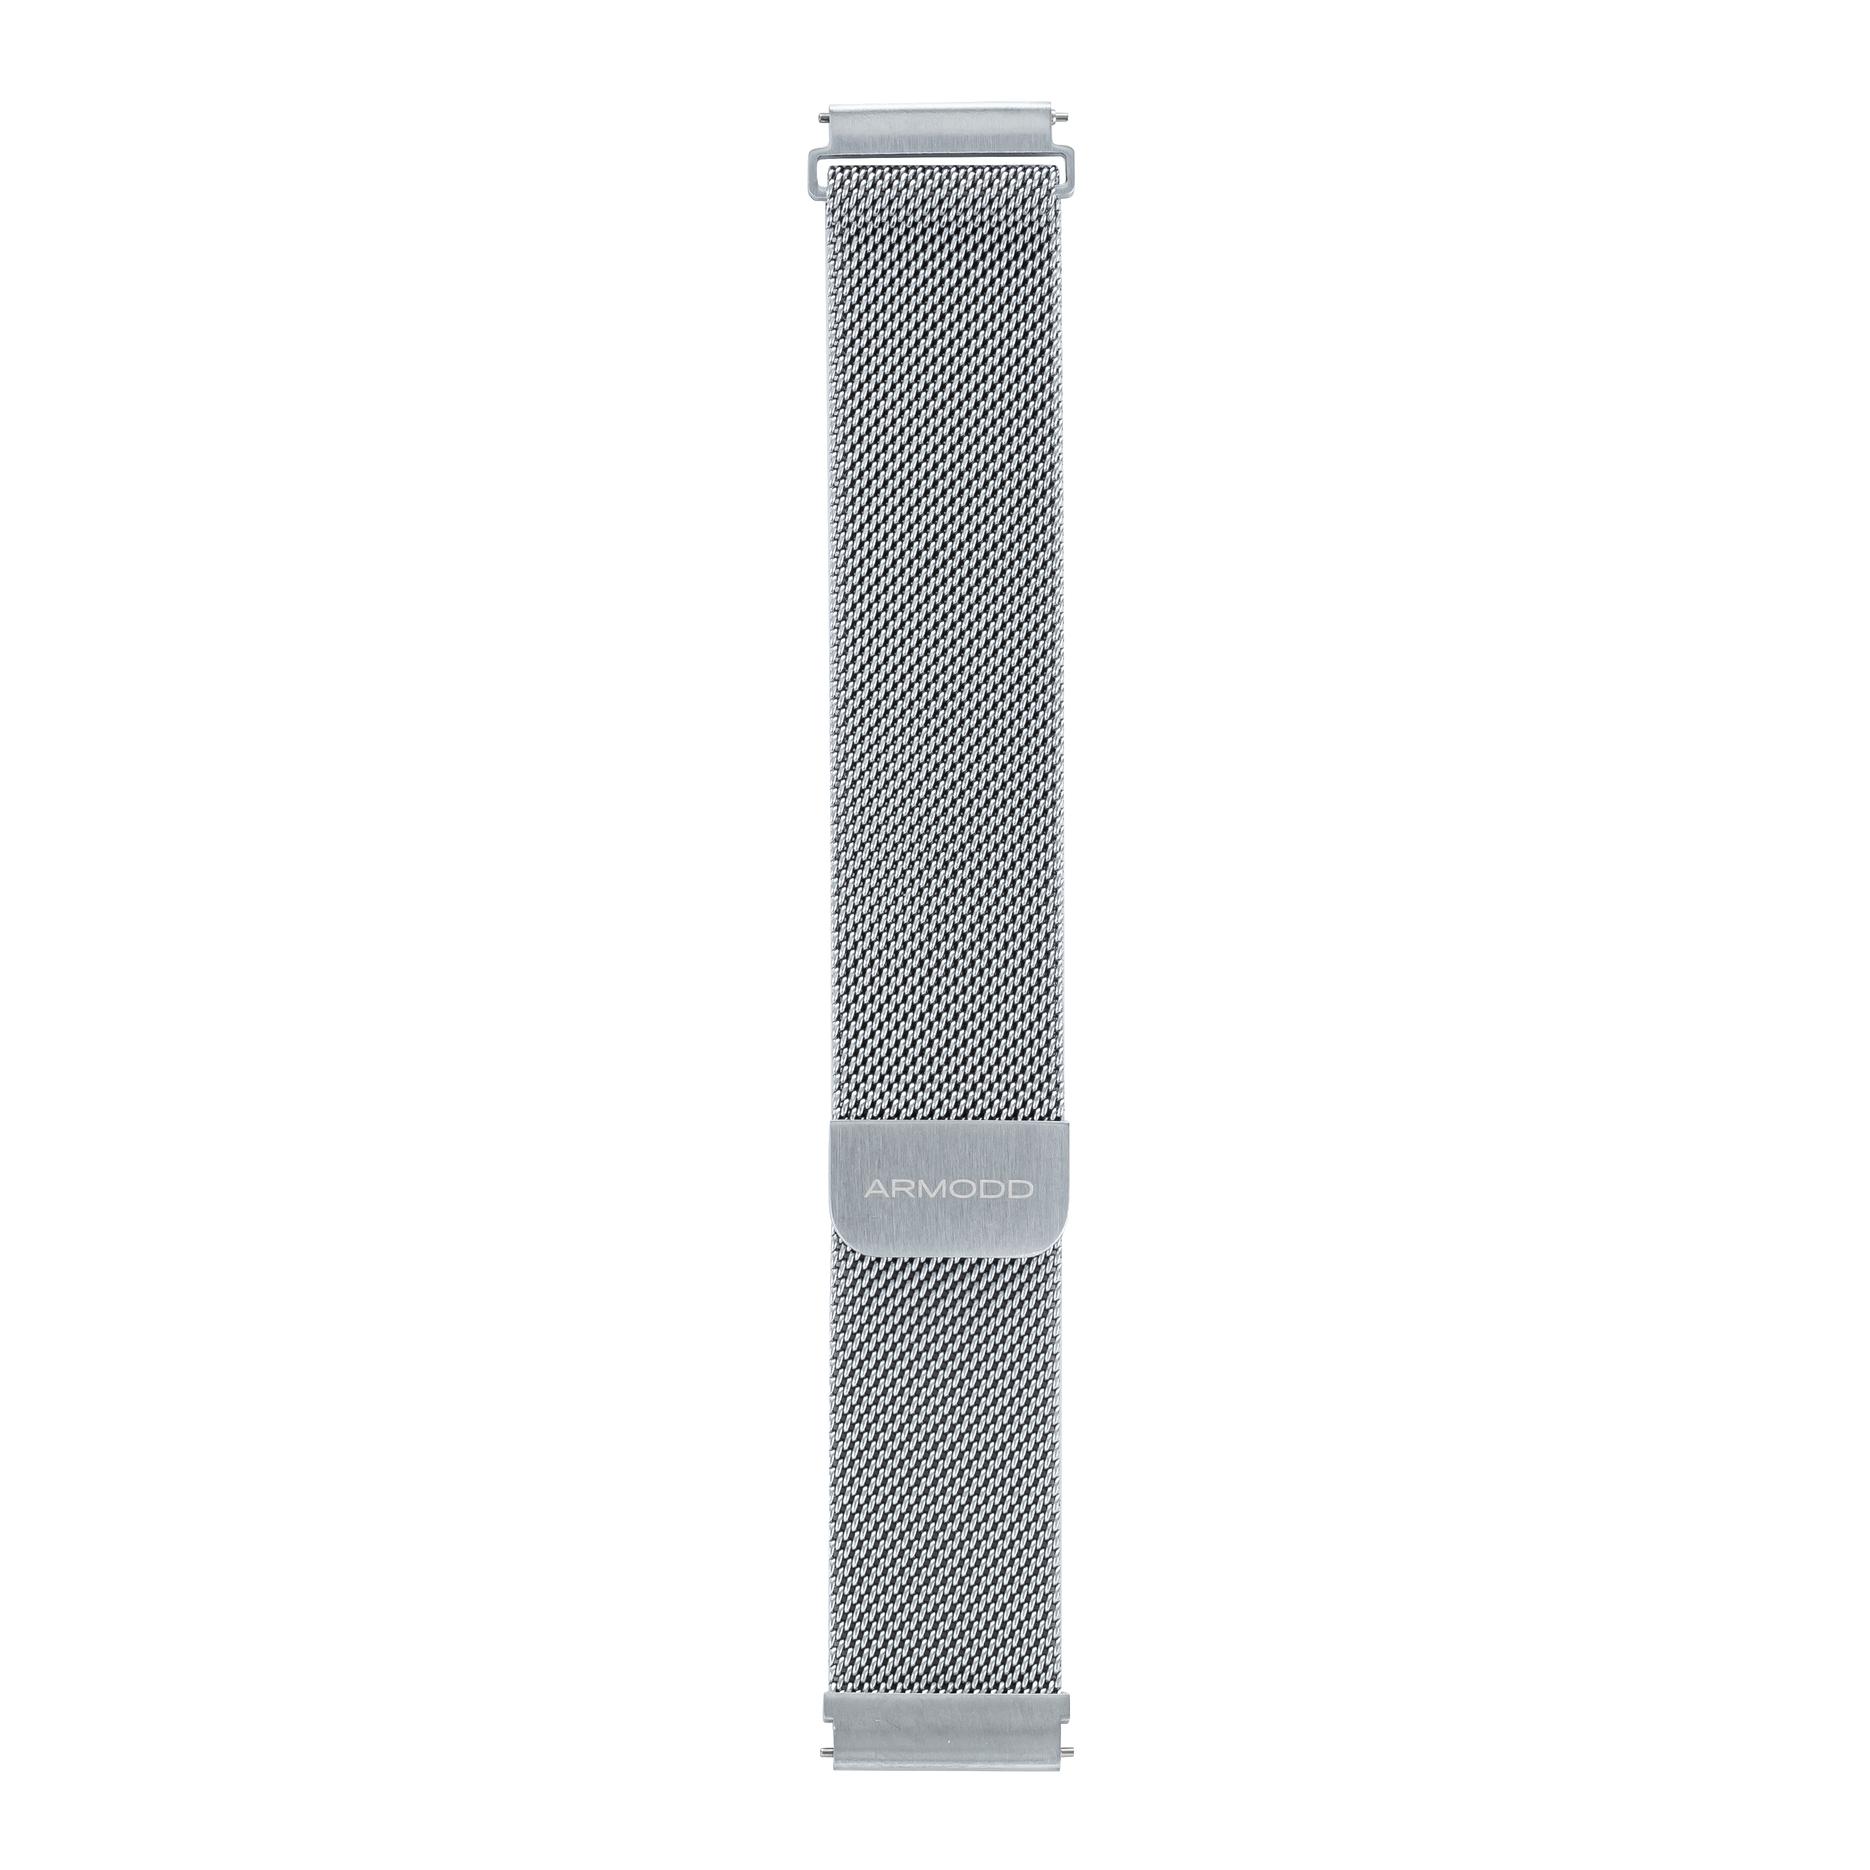 Řemínek ARMODD Slowatch kovový stříbrný (20 mm)